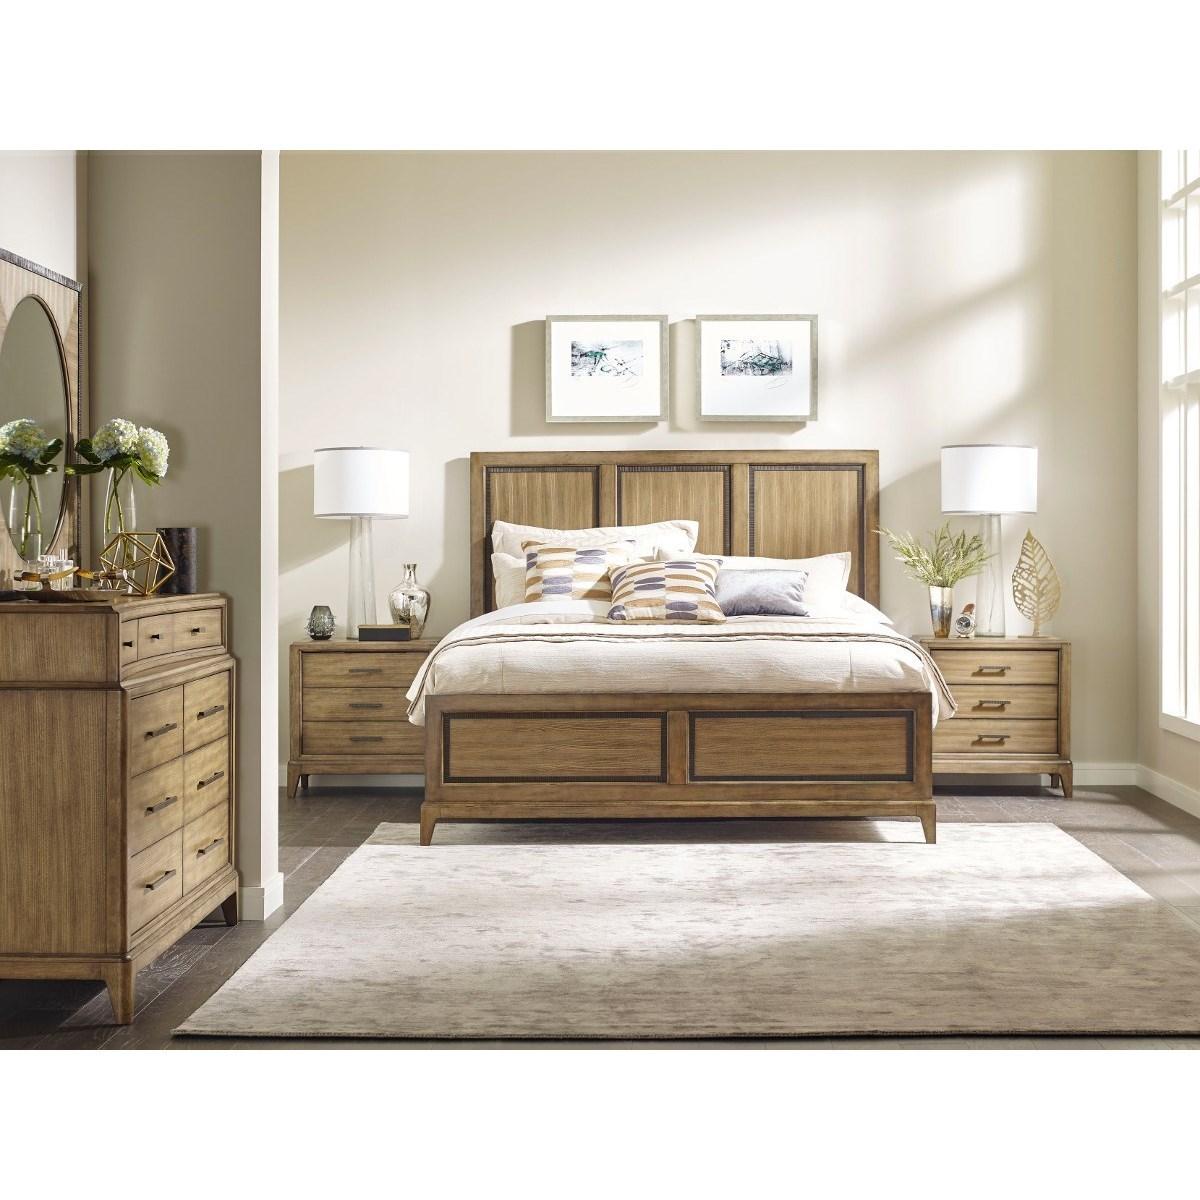 American Drew EVOKE  Queen Bedroom Group - Item Number: 509 Q Bedroom Group 1